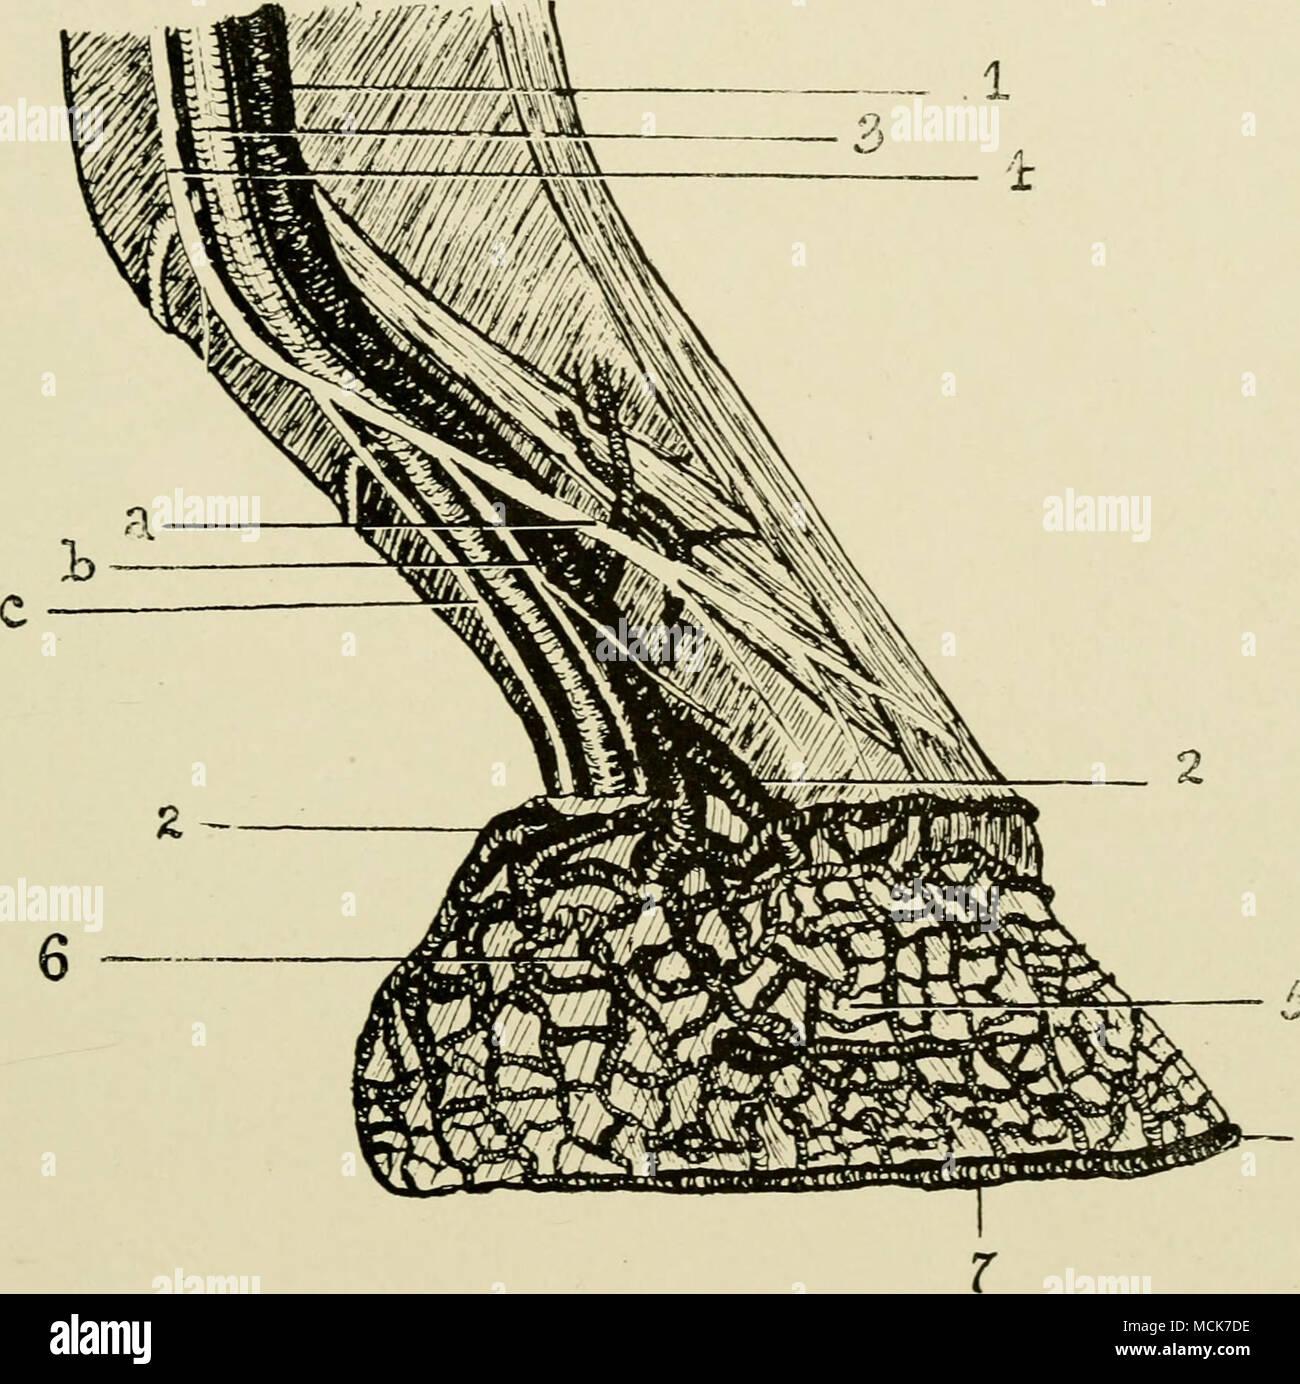 Tolle Körpermuskulatur Etikettiert Ideen - Menschliche Anatomie ...